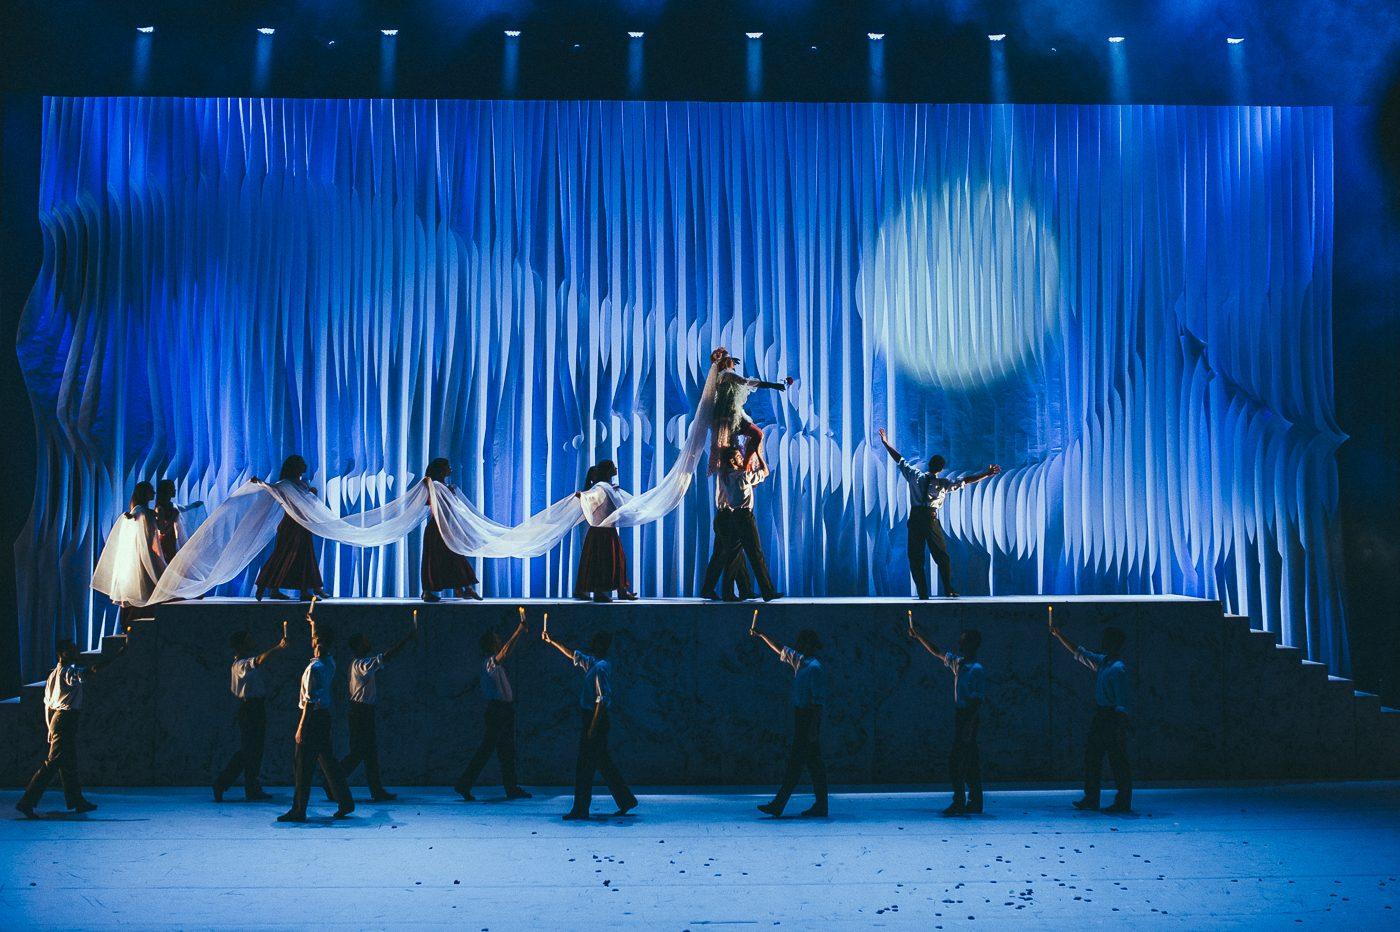 Premjera Zorba Muzikinis Teatras E.sabaliauskaite 028